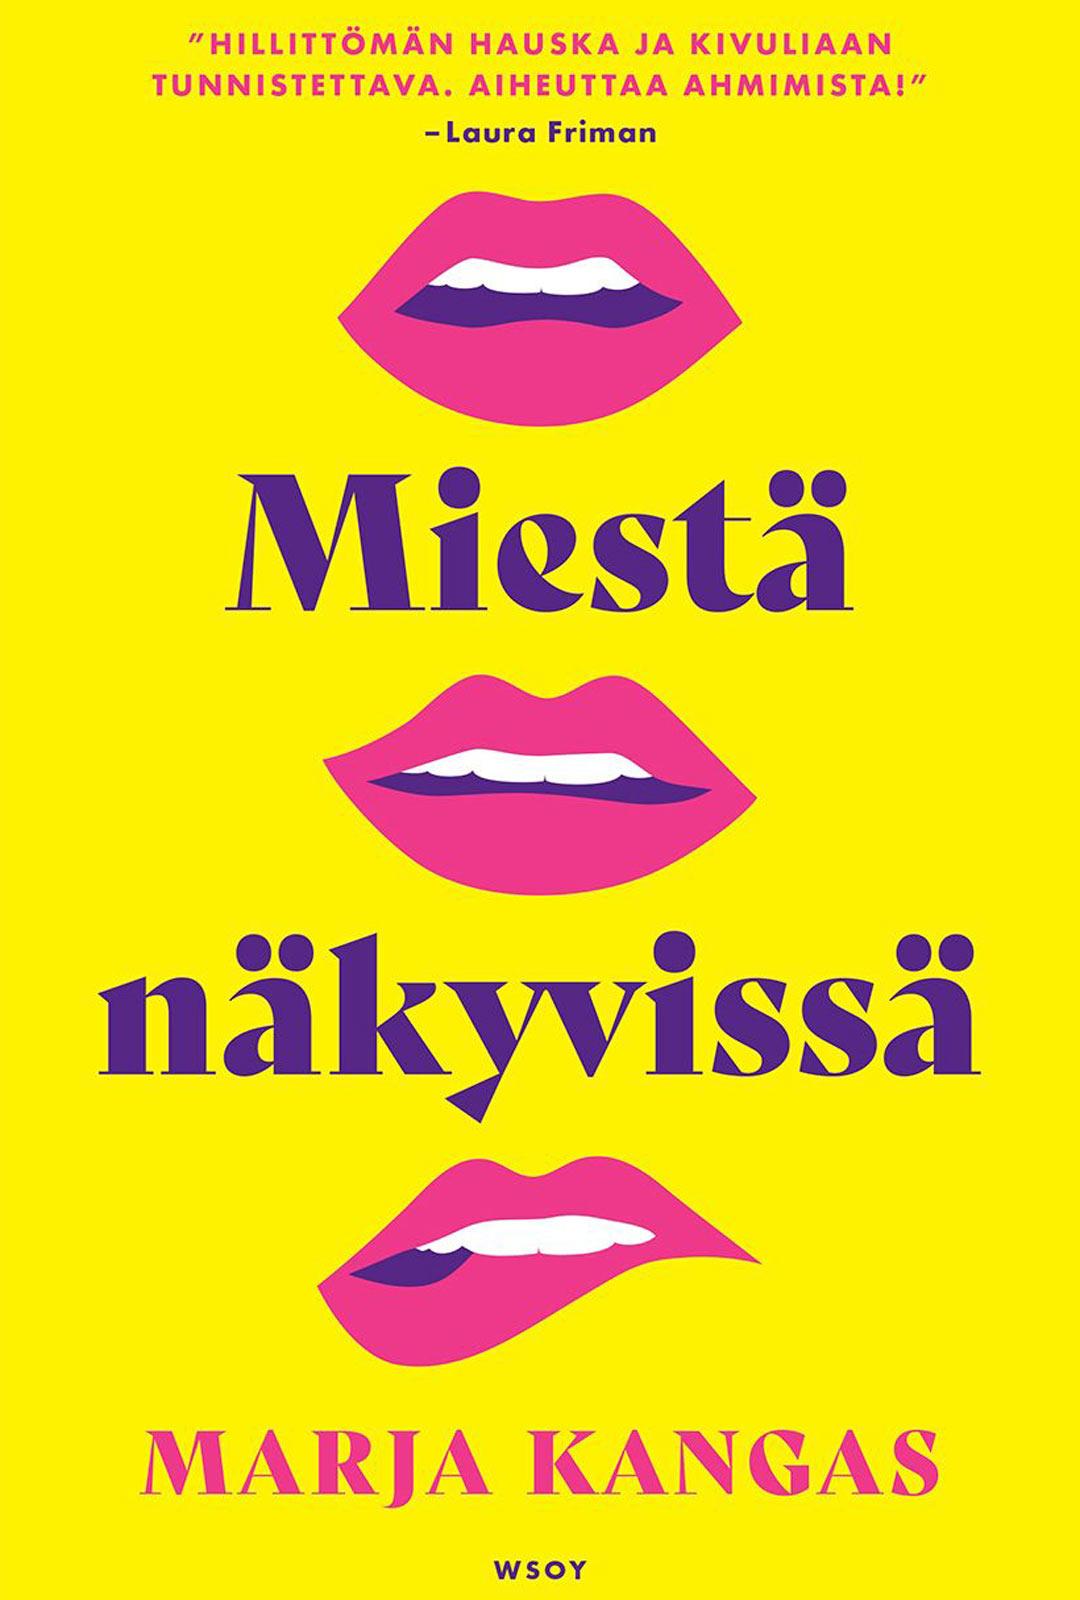 Marja Kangas on esikoiskirjailija, joka voitti romaanillaan Miestä näkyvissä WSOY:n ja Prisman kirjoituskilpailun.